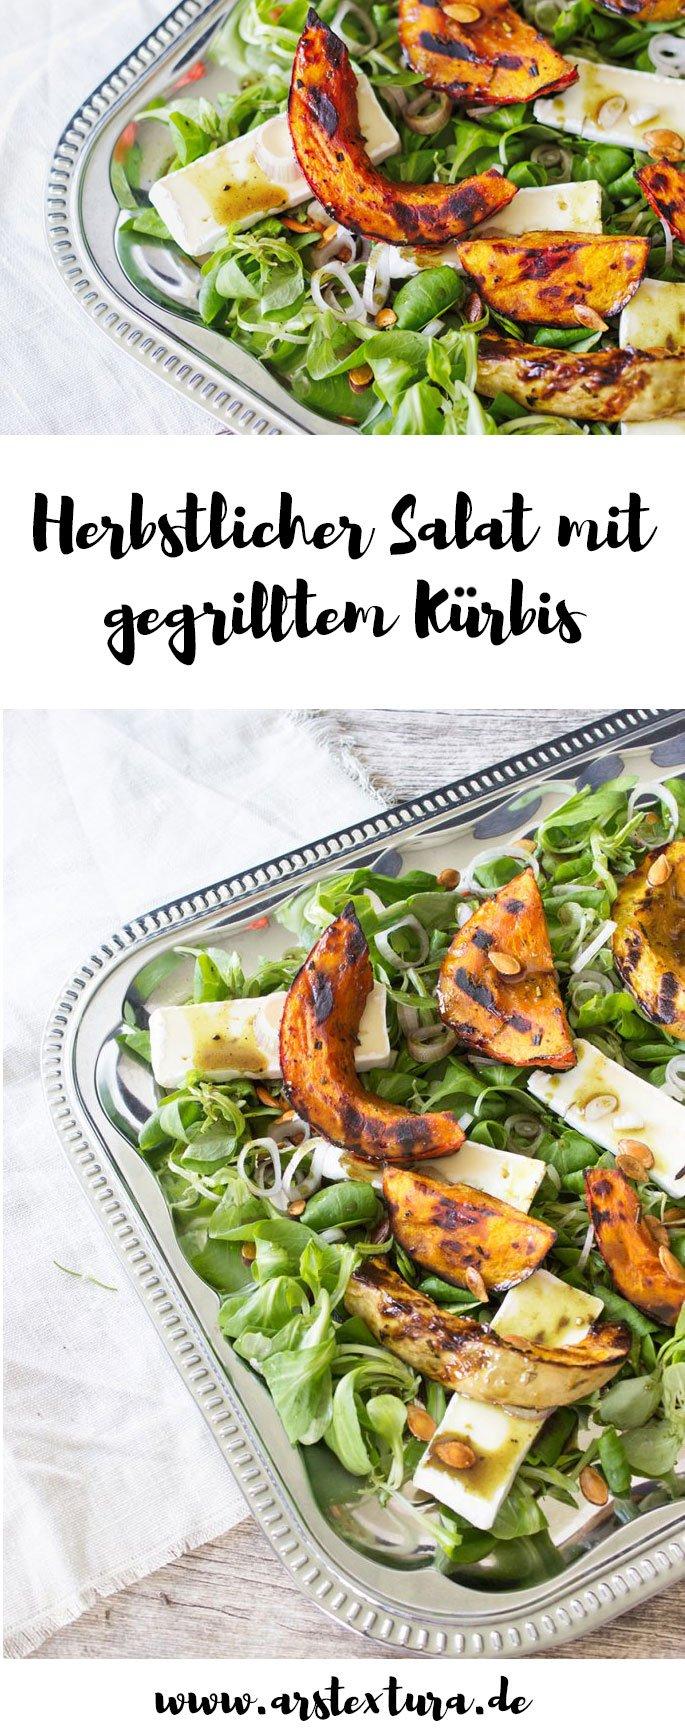 Kürbis Rezept: Salat mit gegrilltem Kürbis - ein tolles Herbstrezept